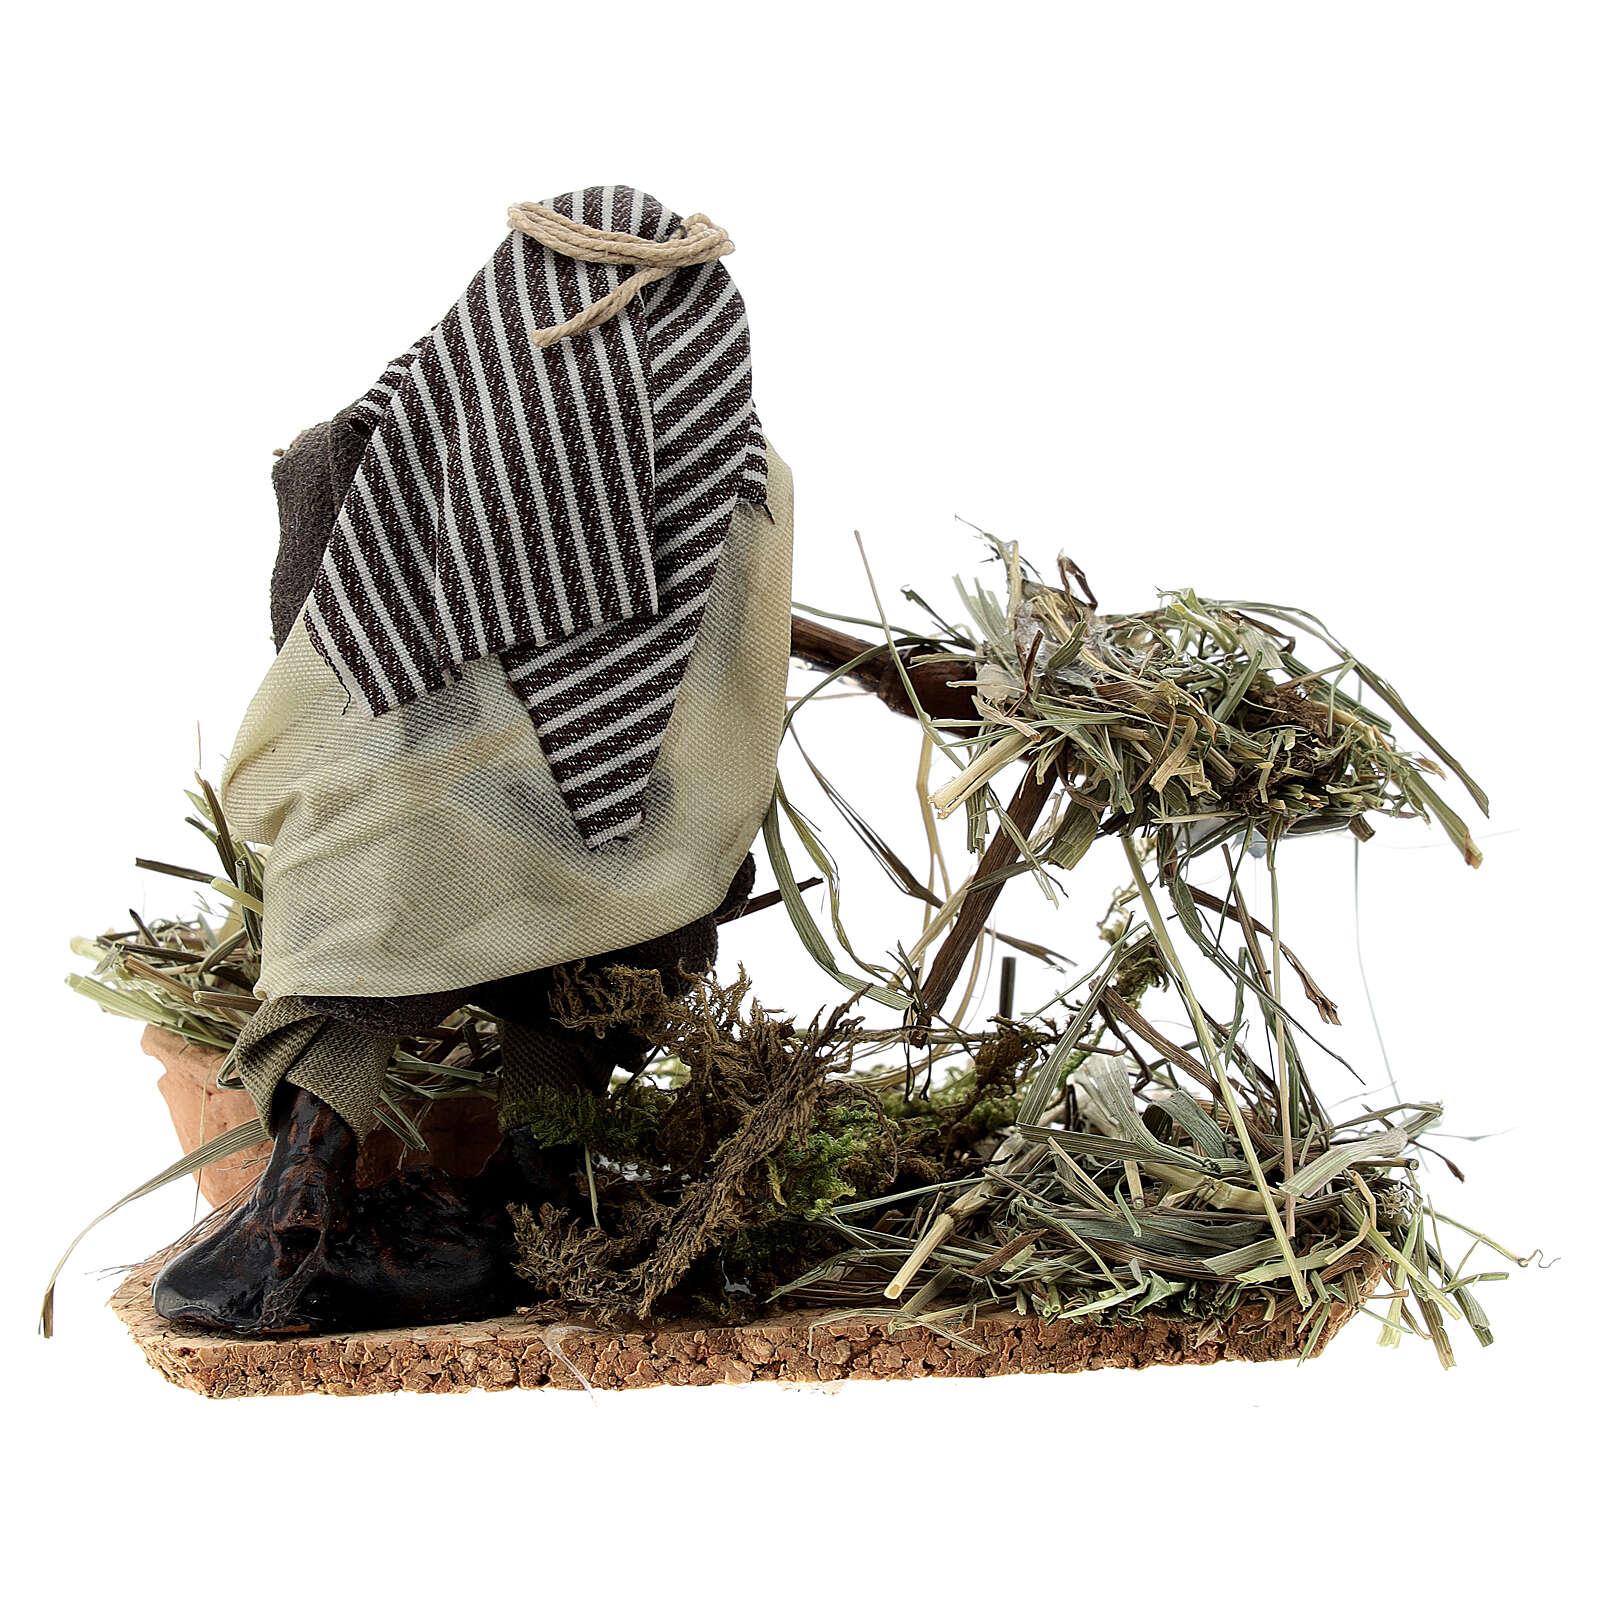 Contadino forcone paglia presepe napoletano terracotta 8 cm 4